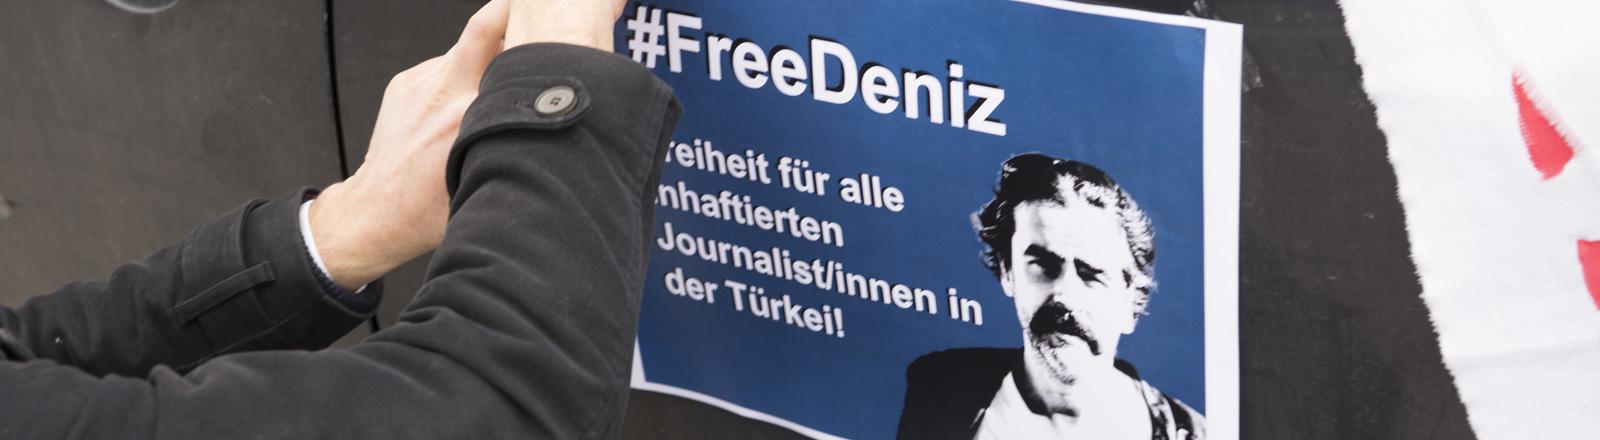 Ein Protestplakat mit dem Hashtag #FreeDeniz wird befestigt